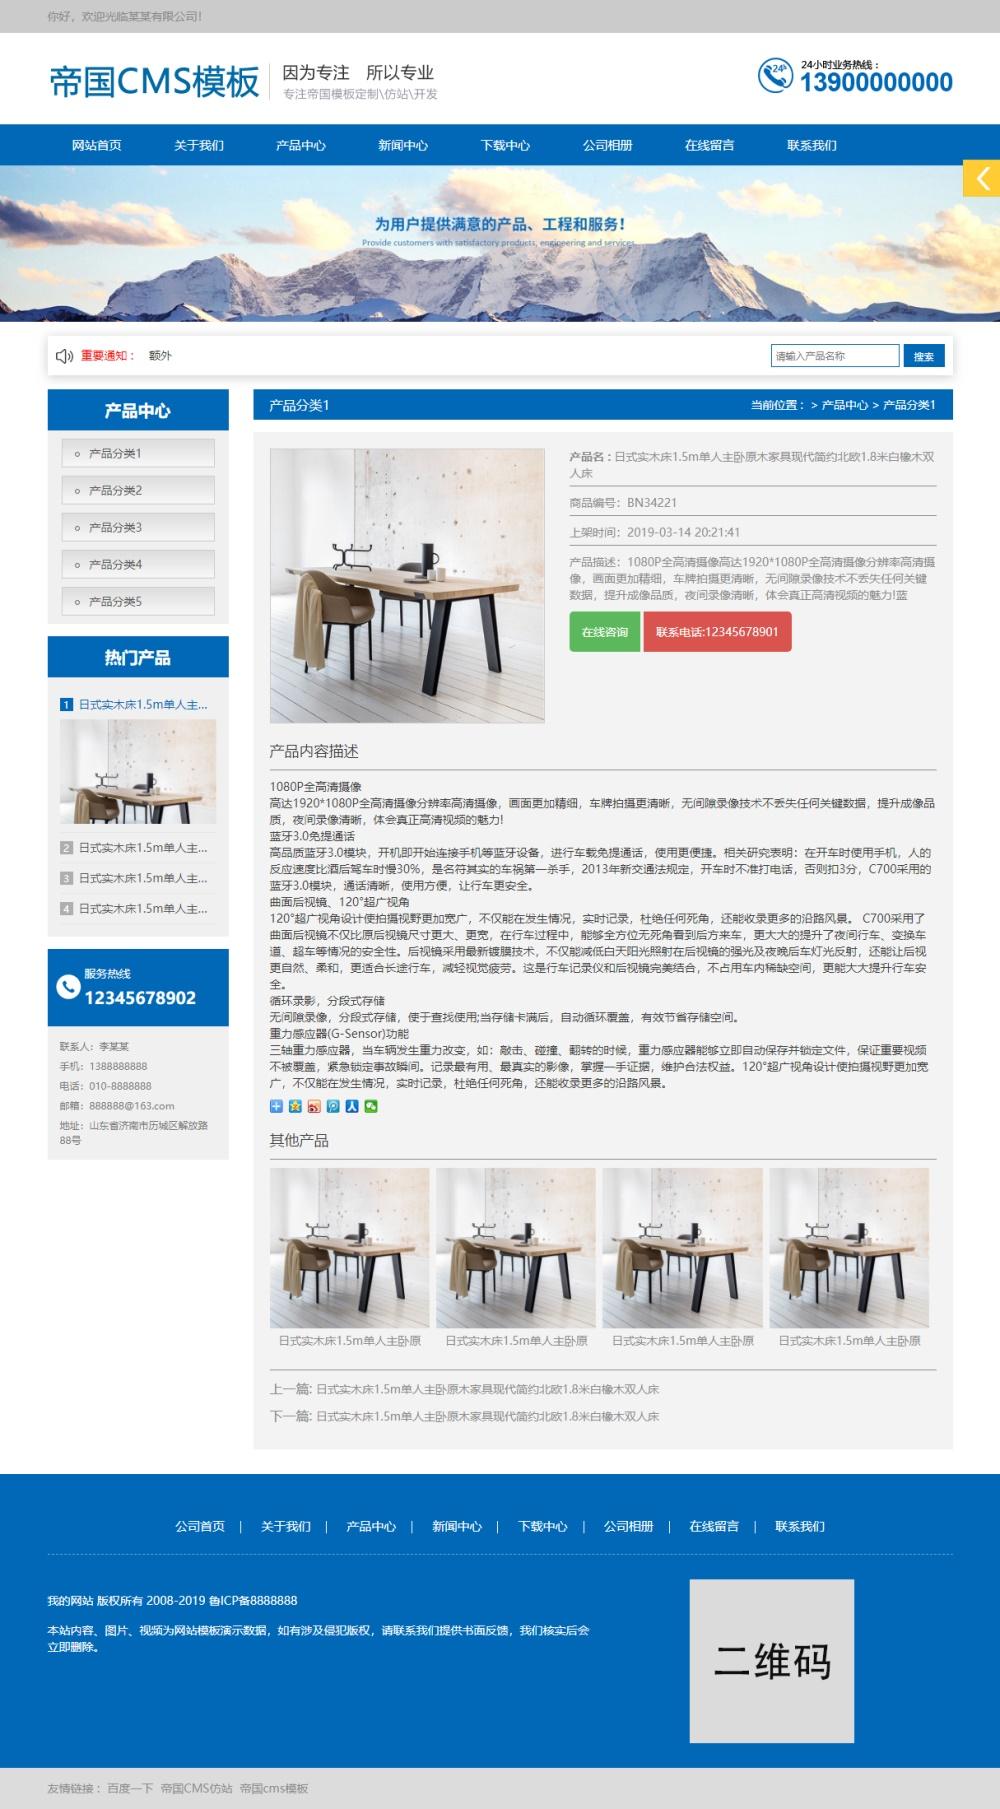 帝国cms蓝色响应式自适应手机版通用企业公司网站模板_产品内容页